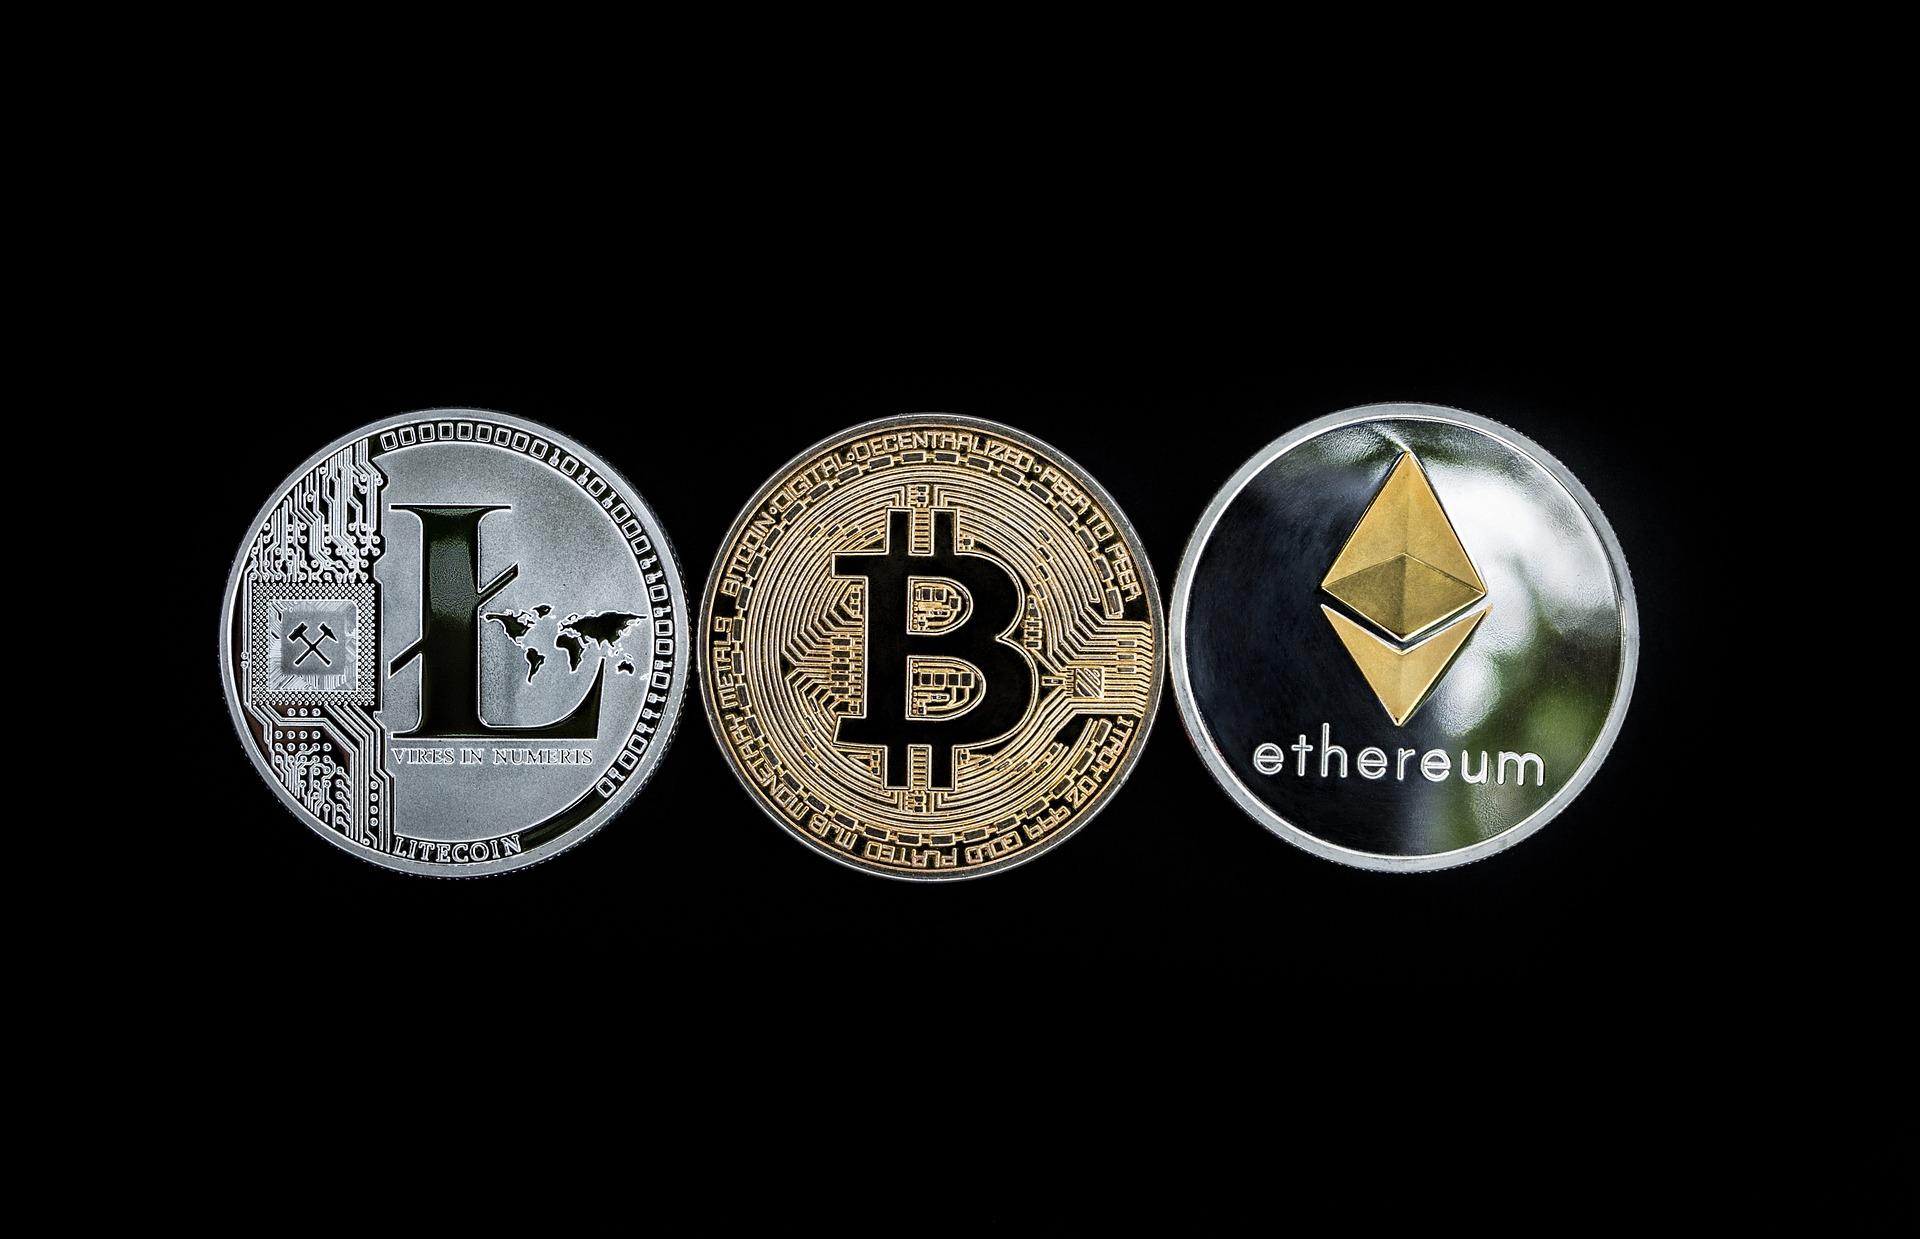 Kryptowährungen im Vergleich